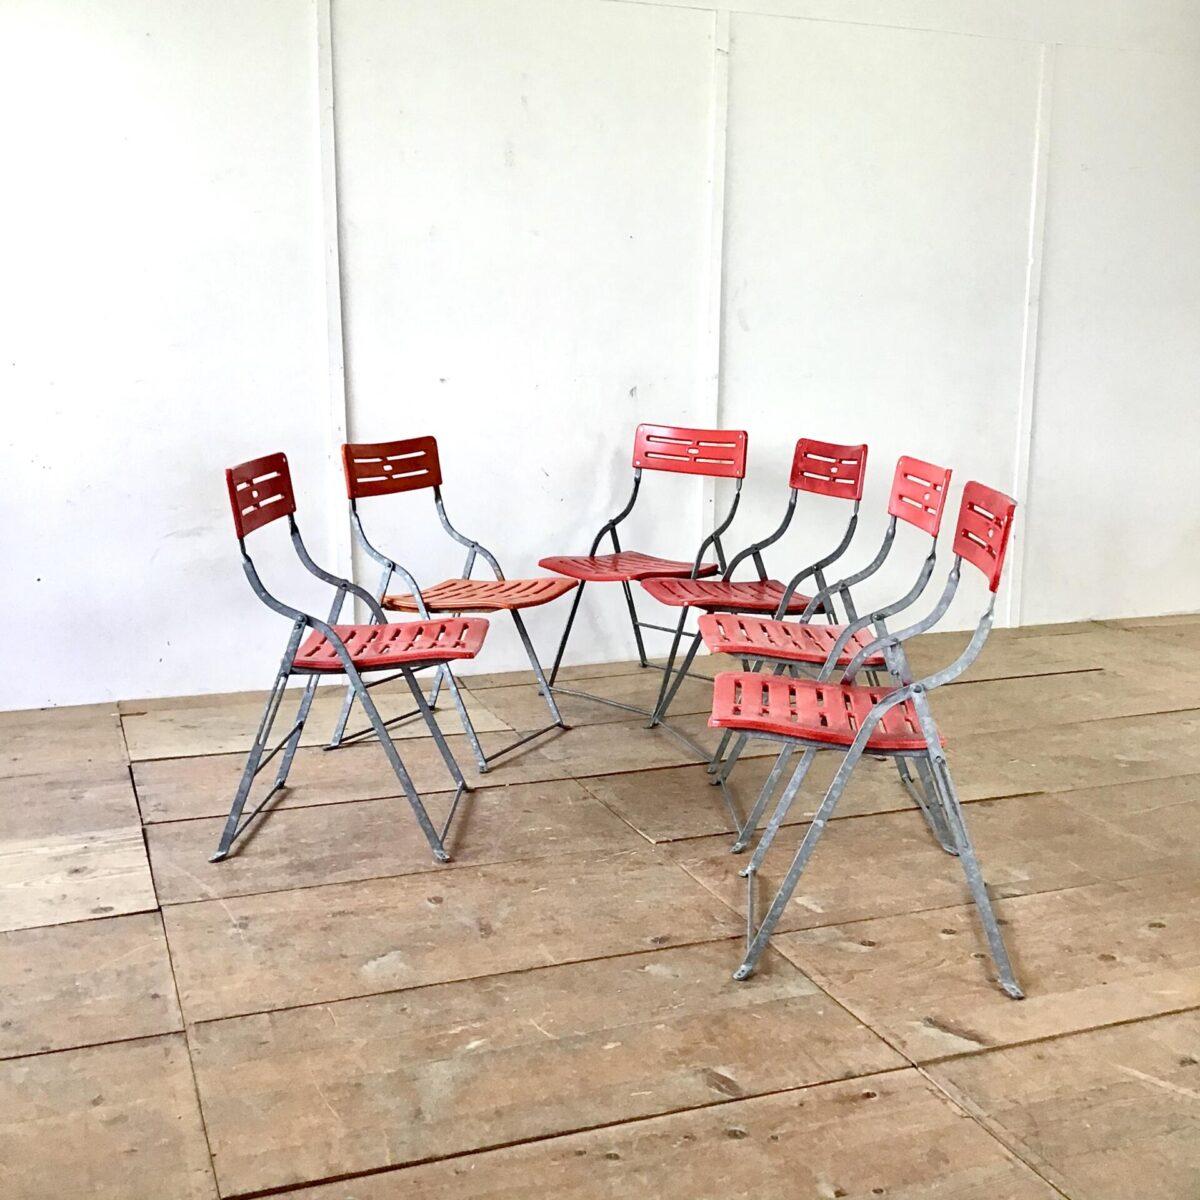 Vintage Gartenstühle preis pro Stuhl. Metall klapp gestell feuerverzinkt. Qualitative Mechanik in sehr gutem Zustand. Sitzfläche und Lehne Kunststoff etwas verbraucht teilweise angemalt aber ganz. Die Klappstühle können Platz sparend zusammen gestellt werden.